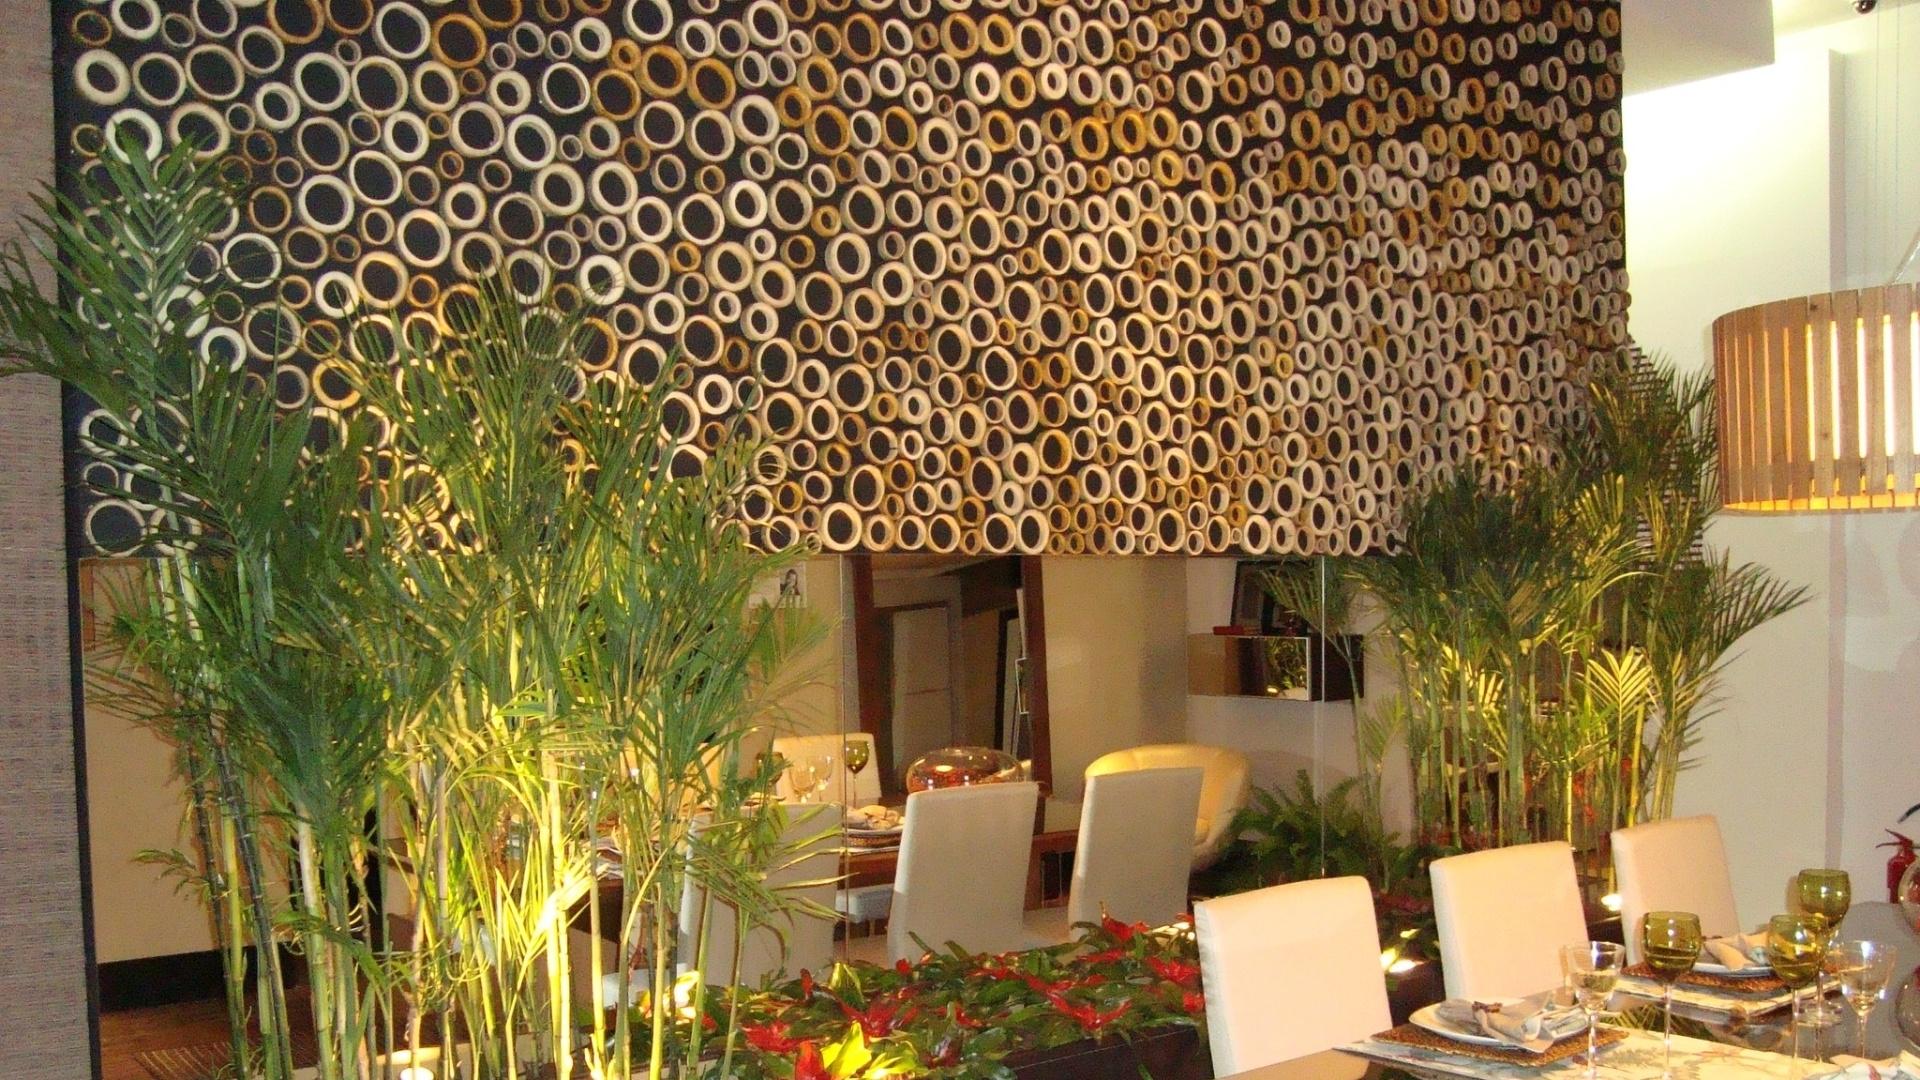 Reciclar E Decorar Sala Salas De Jantar Para Voc Se Inspirar  -> Como Decorar Parede De Sala Com Material Reciclados